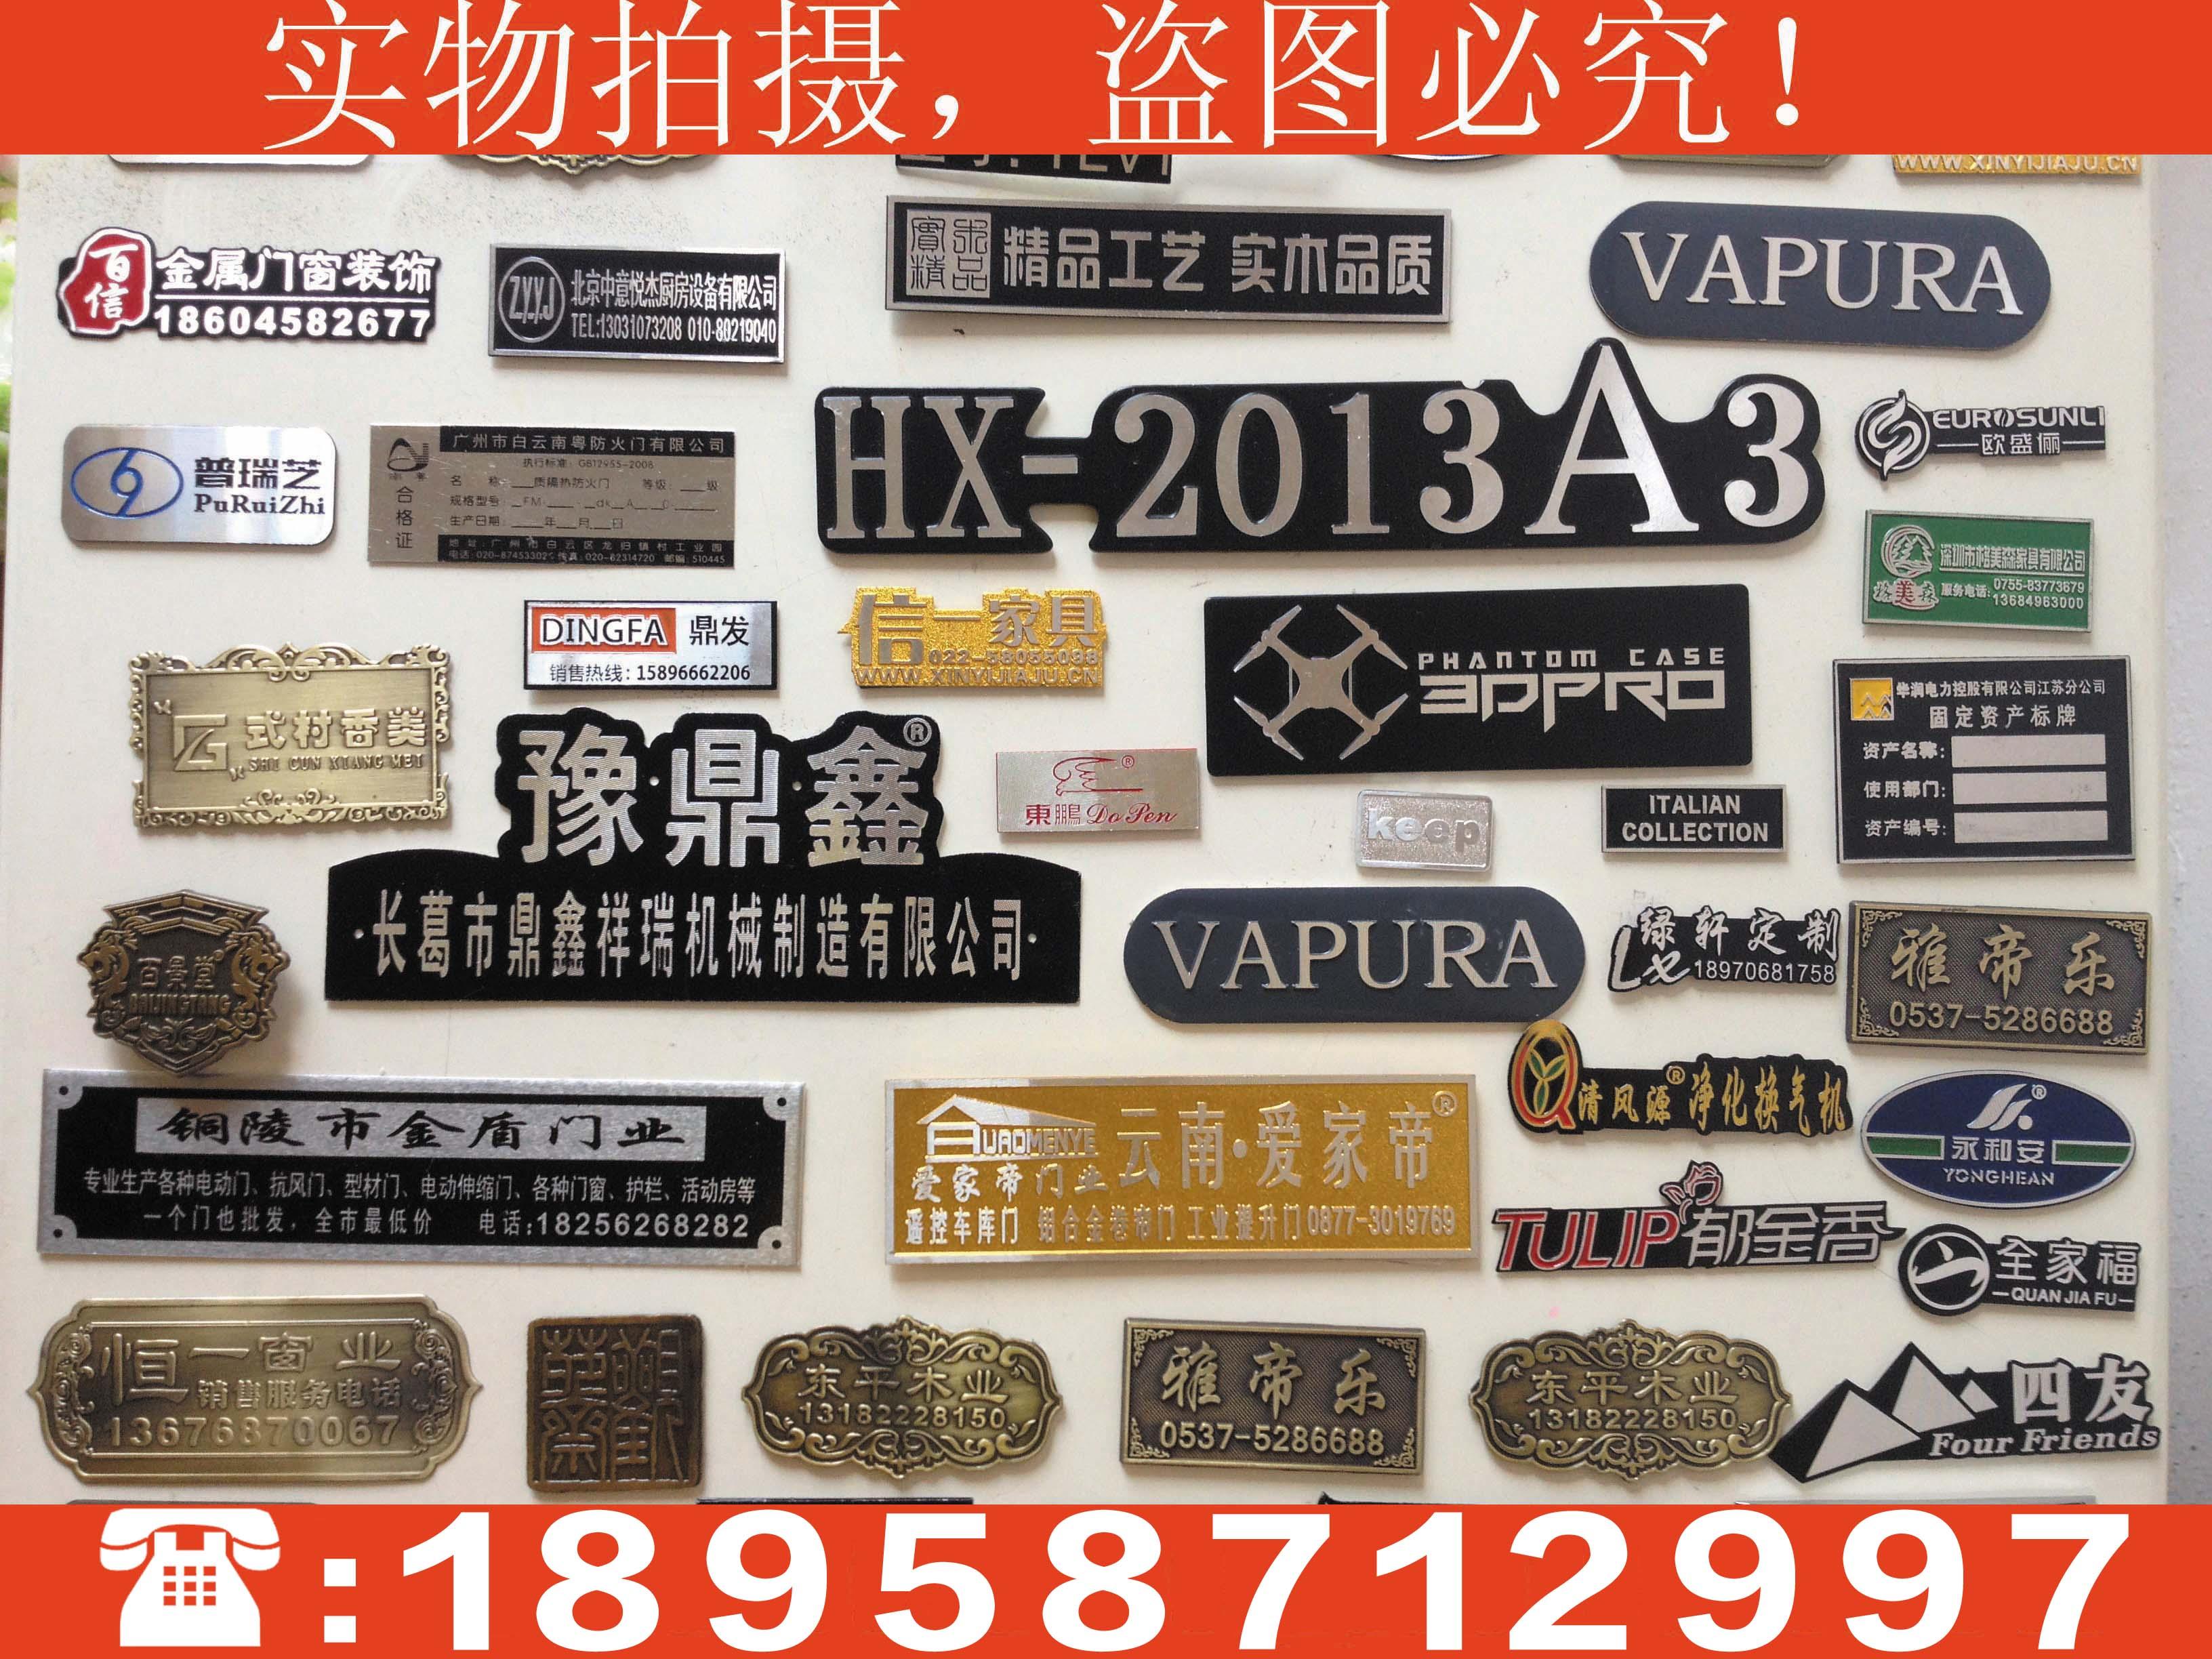 Etiqueta etiqueta personalizada a fin de destacar la fabricación de placas de aluminio marca fabricante de muebles de la etiqueta marca de corrosión del cartel